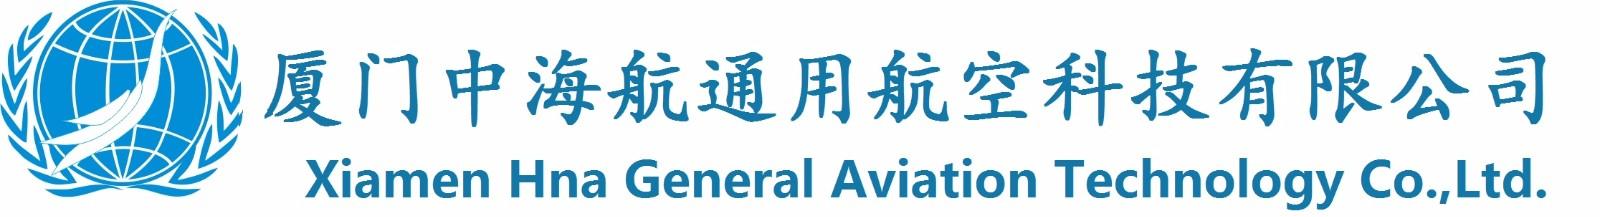 厦门中海航通用航空科技有限公司